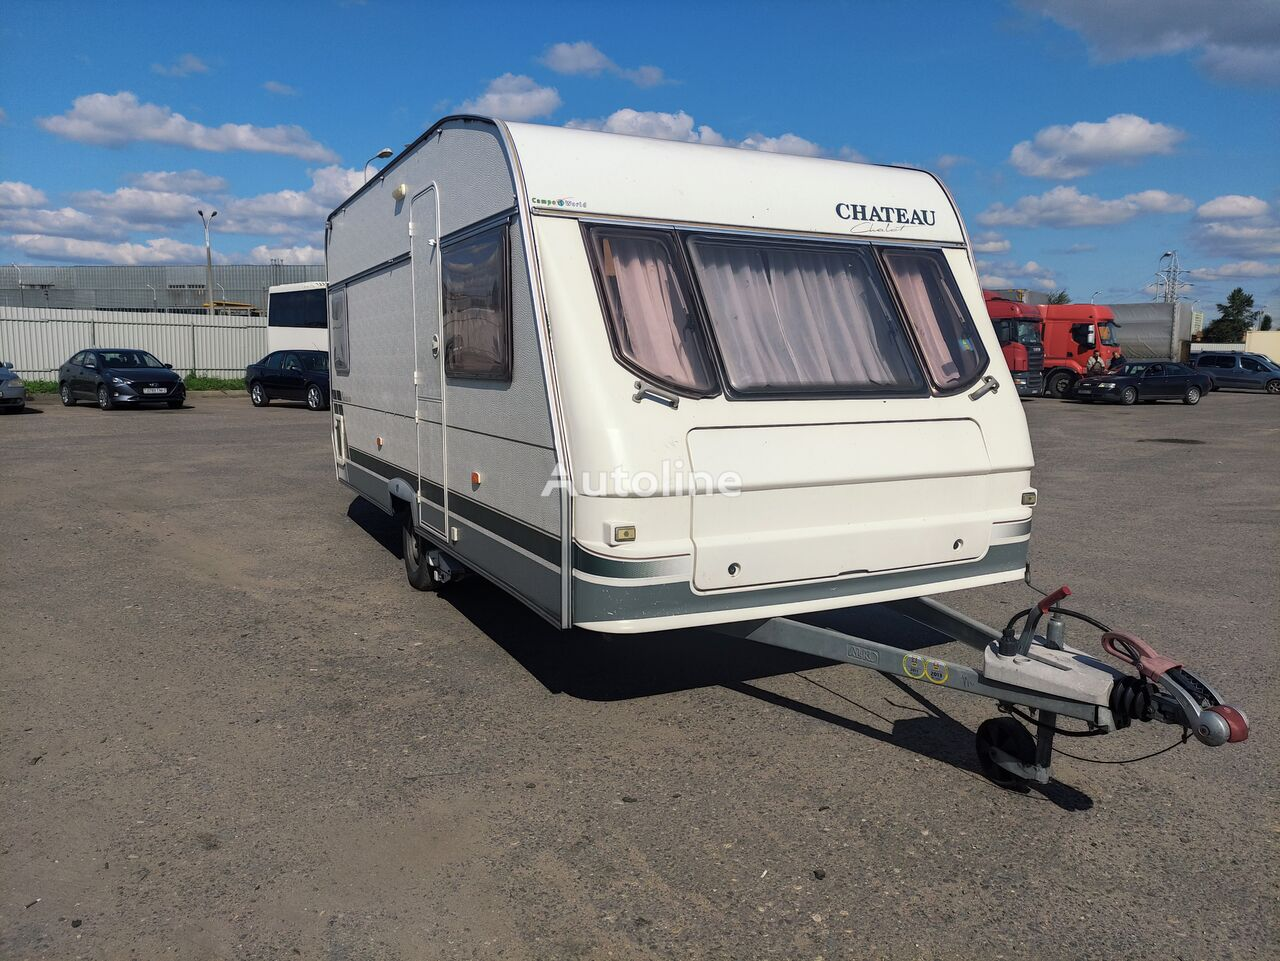 CHATEAU CHATEAU 466c caravan trailer